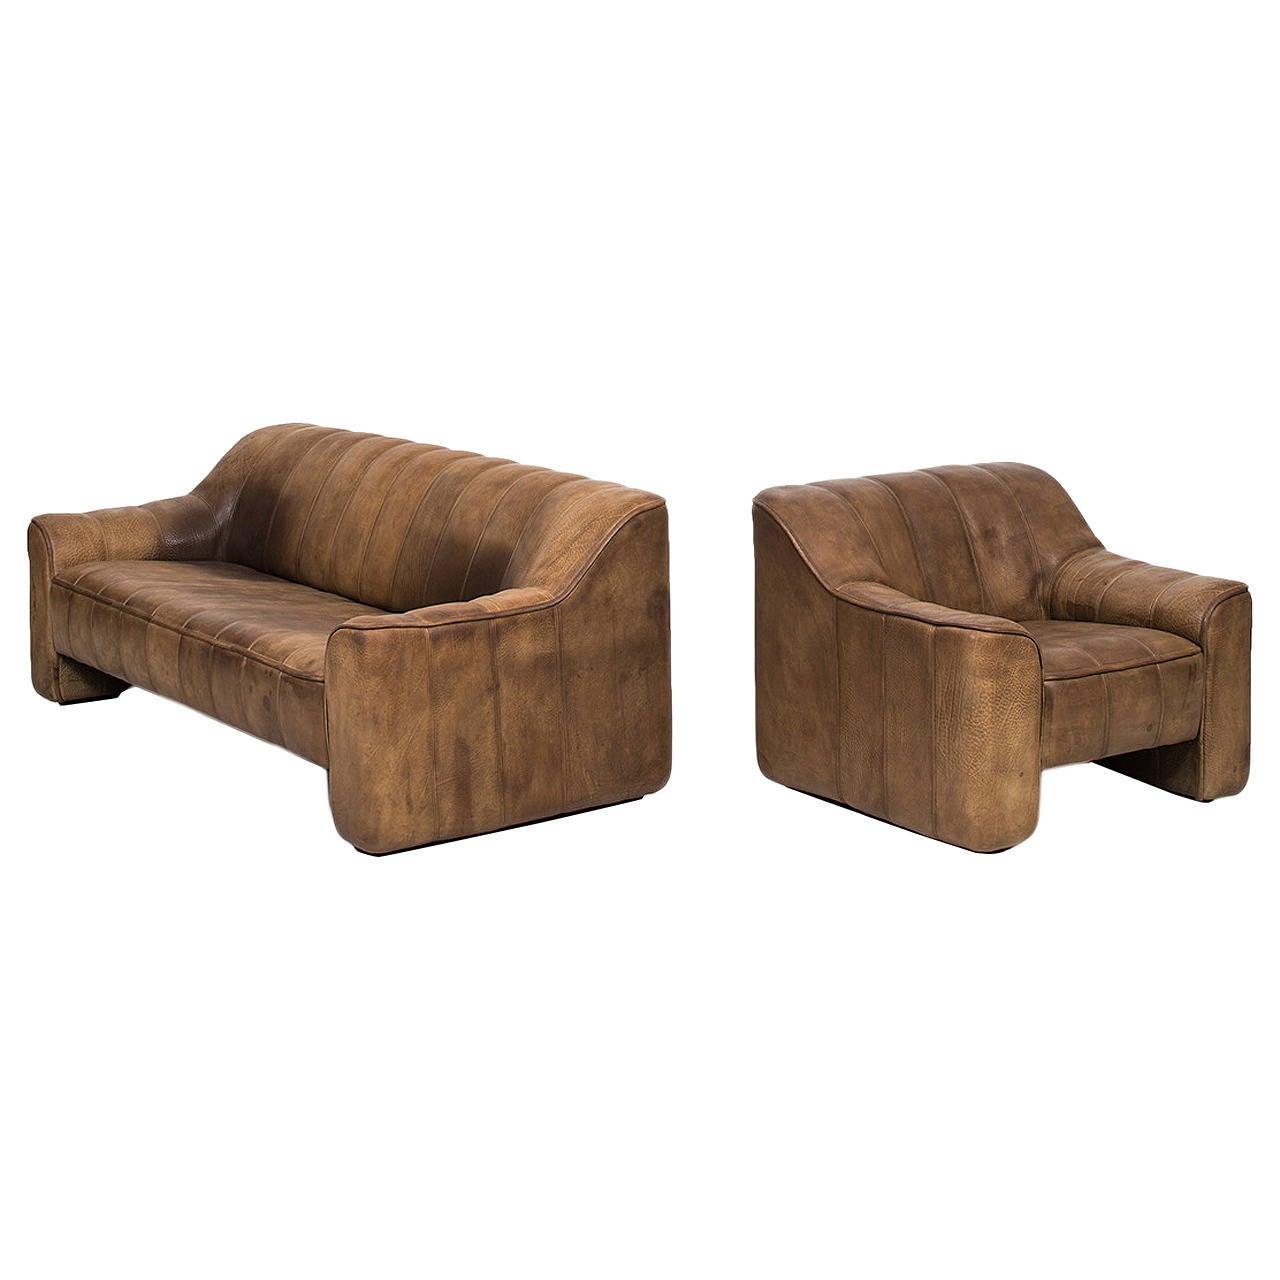 De Sede Sofa and Easy Chair Model DS-44 by De Sede in Switzerland